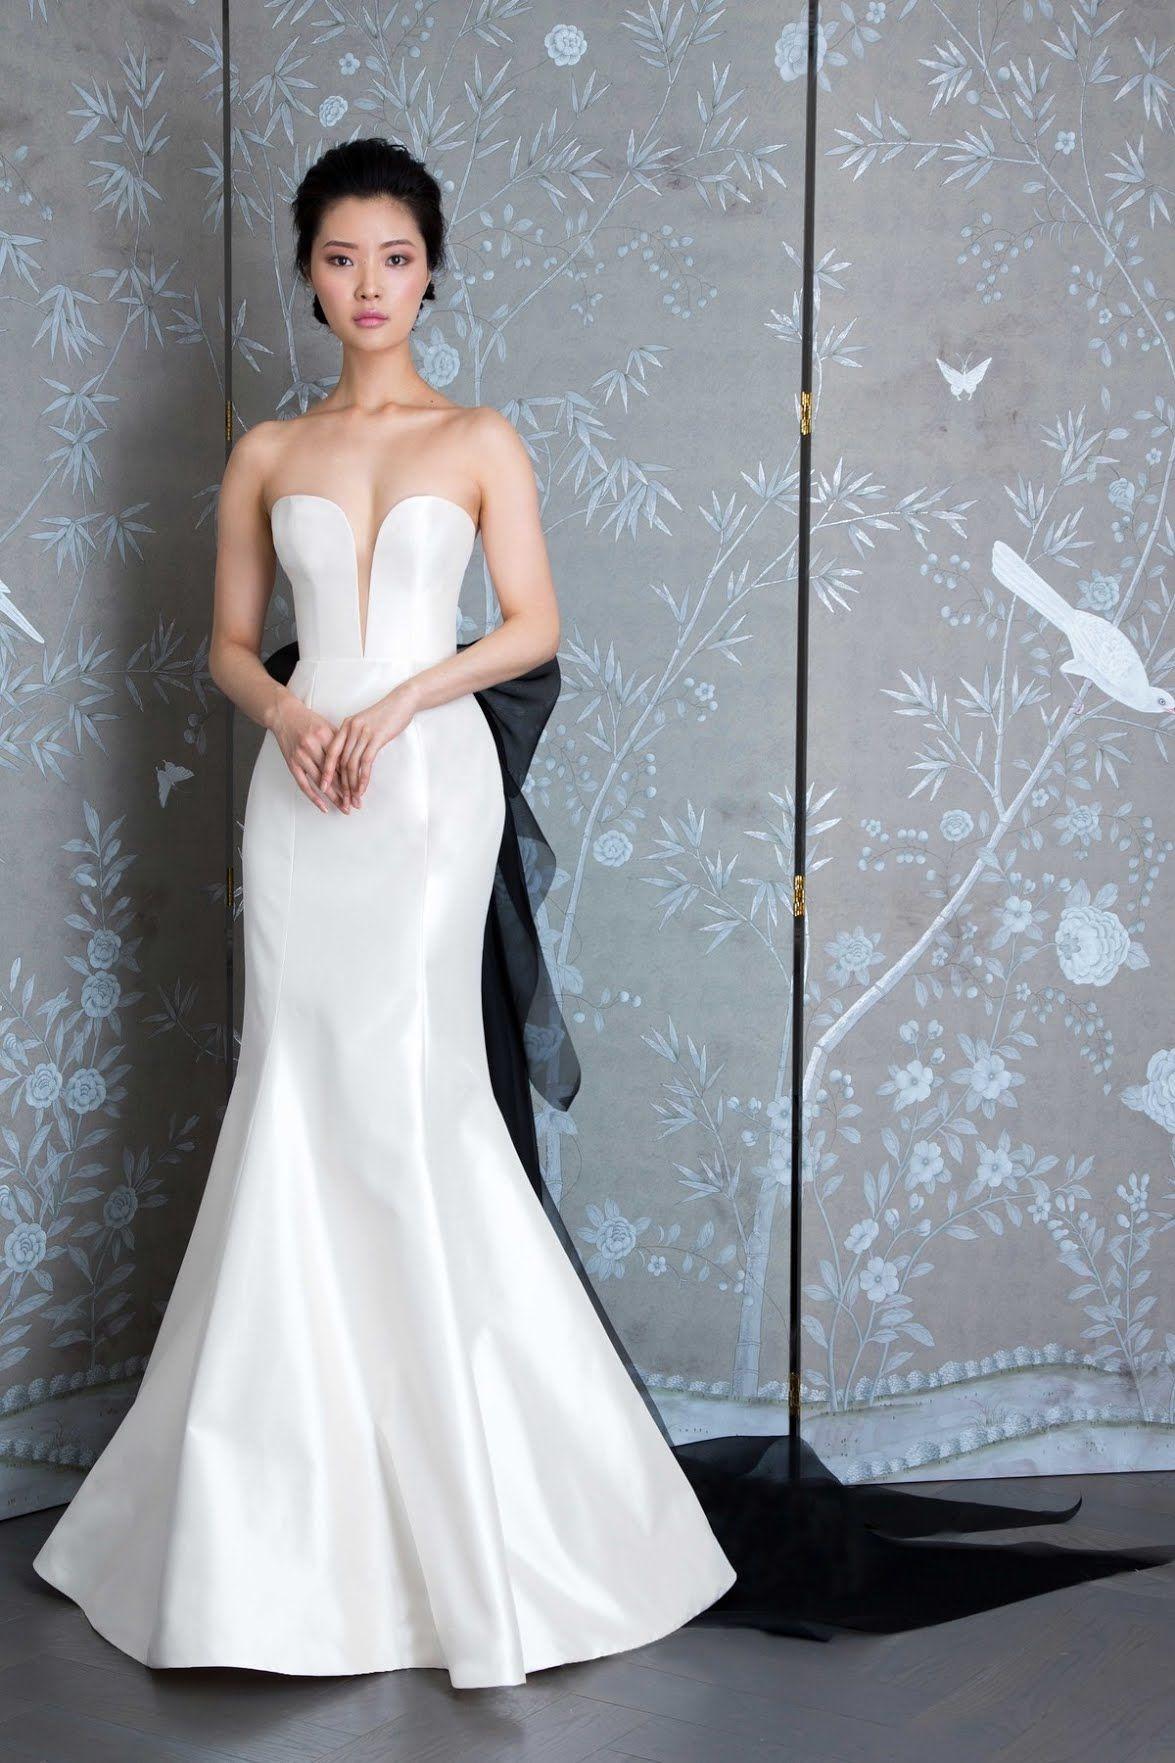 Unique Legends Bridal Gowns Crest - All Wedding Dresses ...